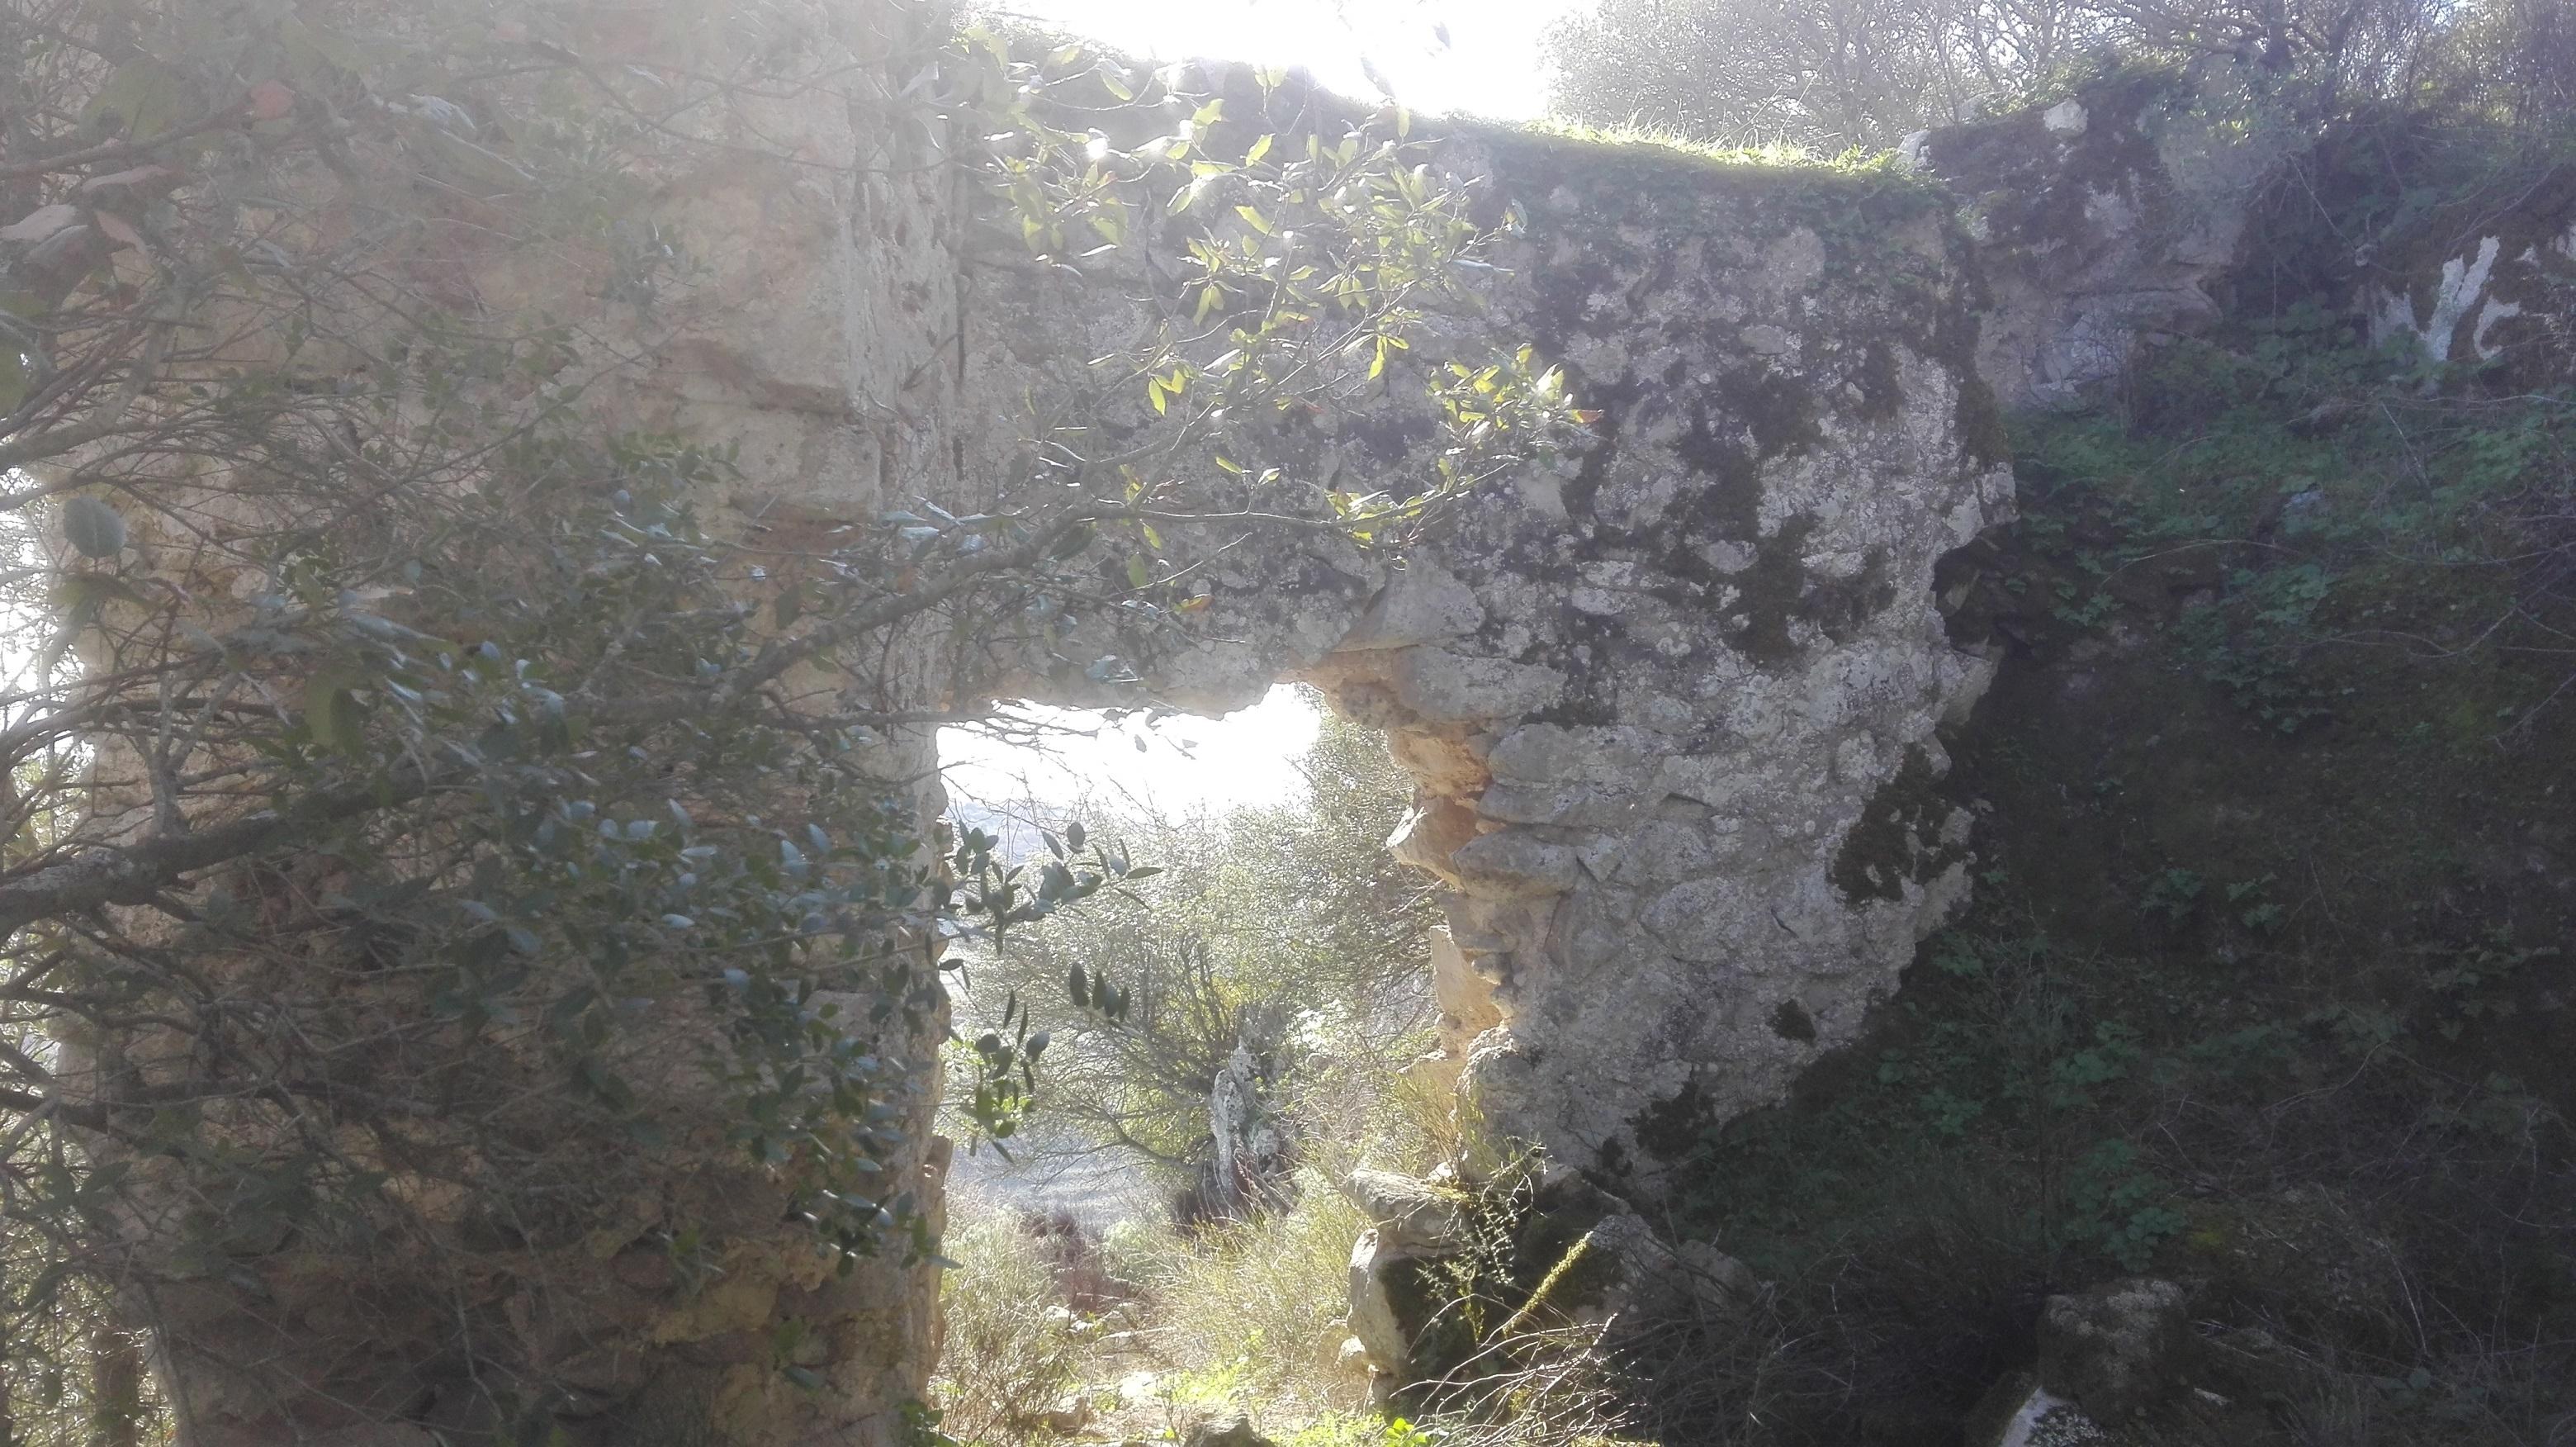 immagine 8 galleria